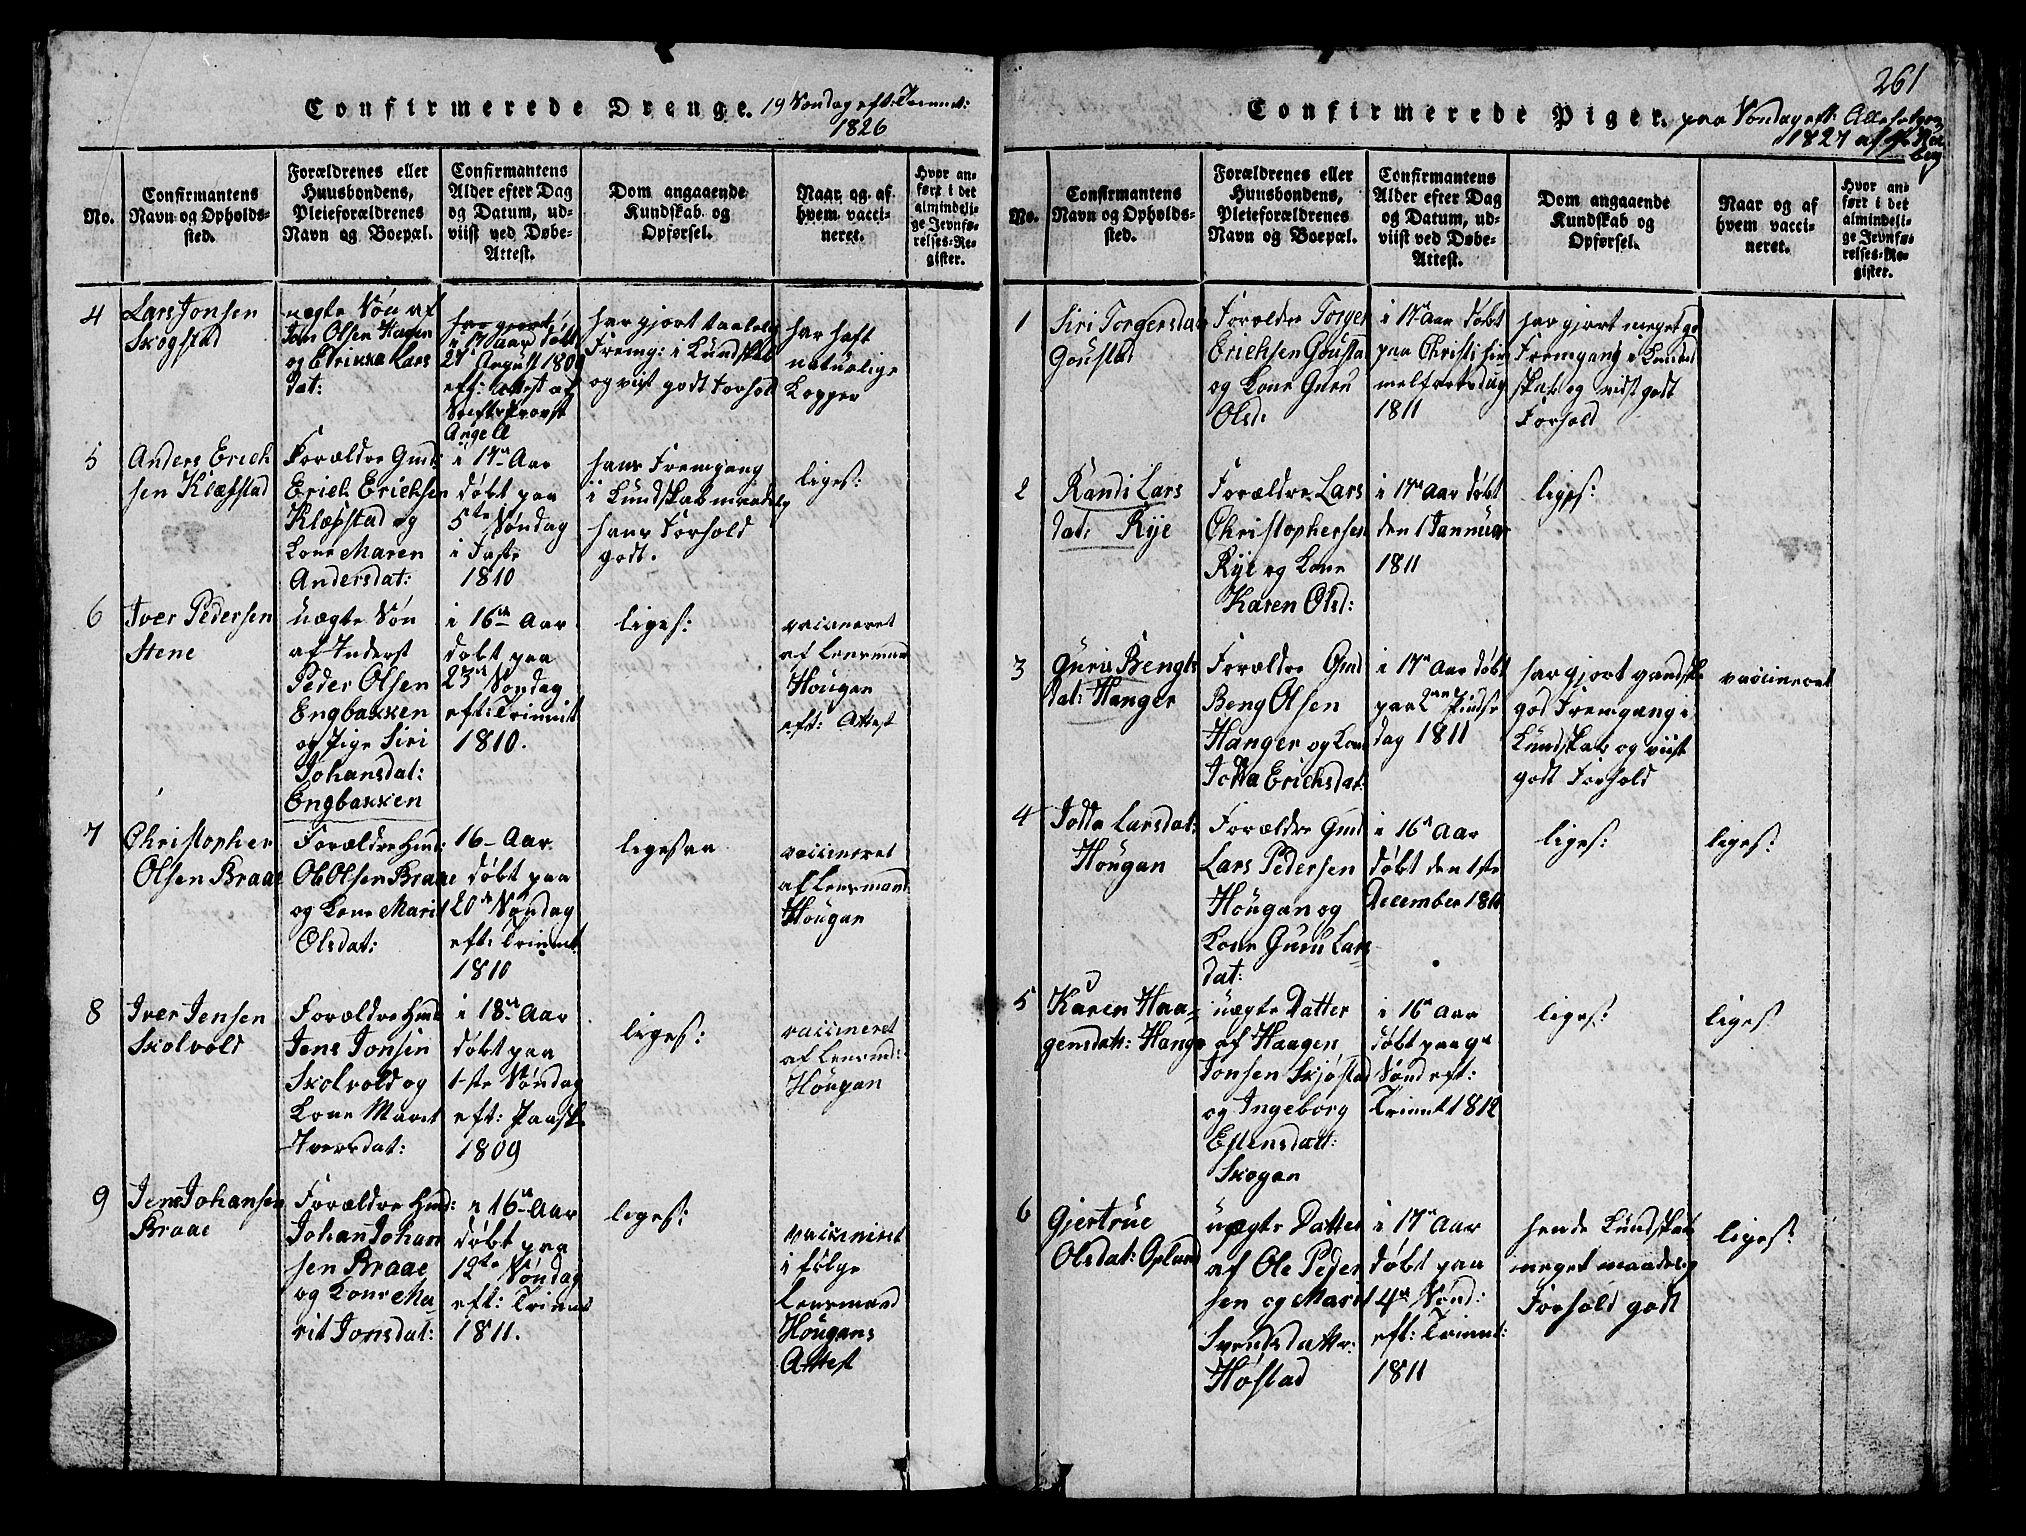 SAT, Ministerialprotokoller, klokkerbøker og fødselsregistre - Sør-Trøndelag, 612/L0385: Klokkerbok nr. 612C01, 1816-1845, s. 261